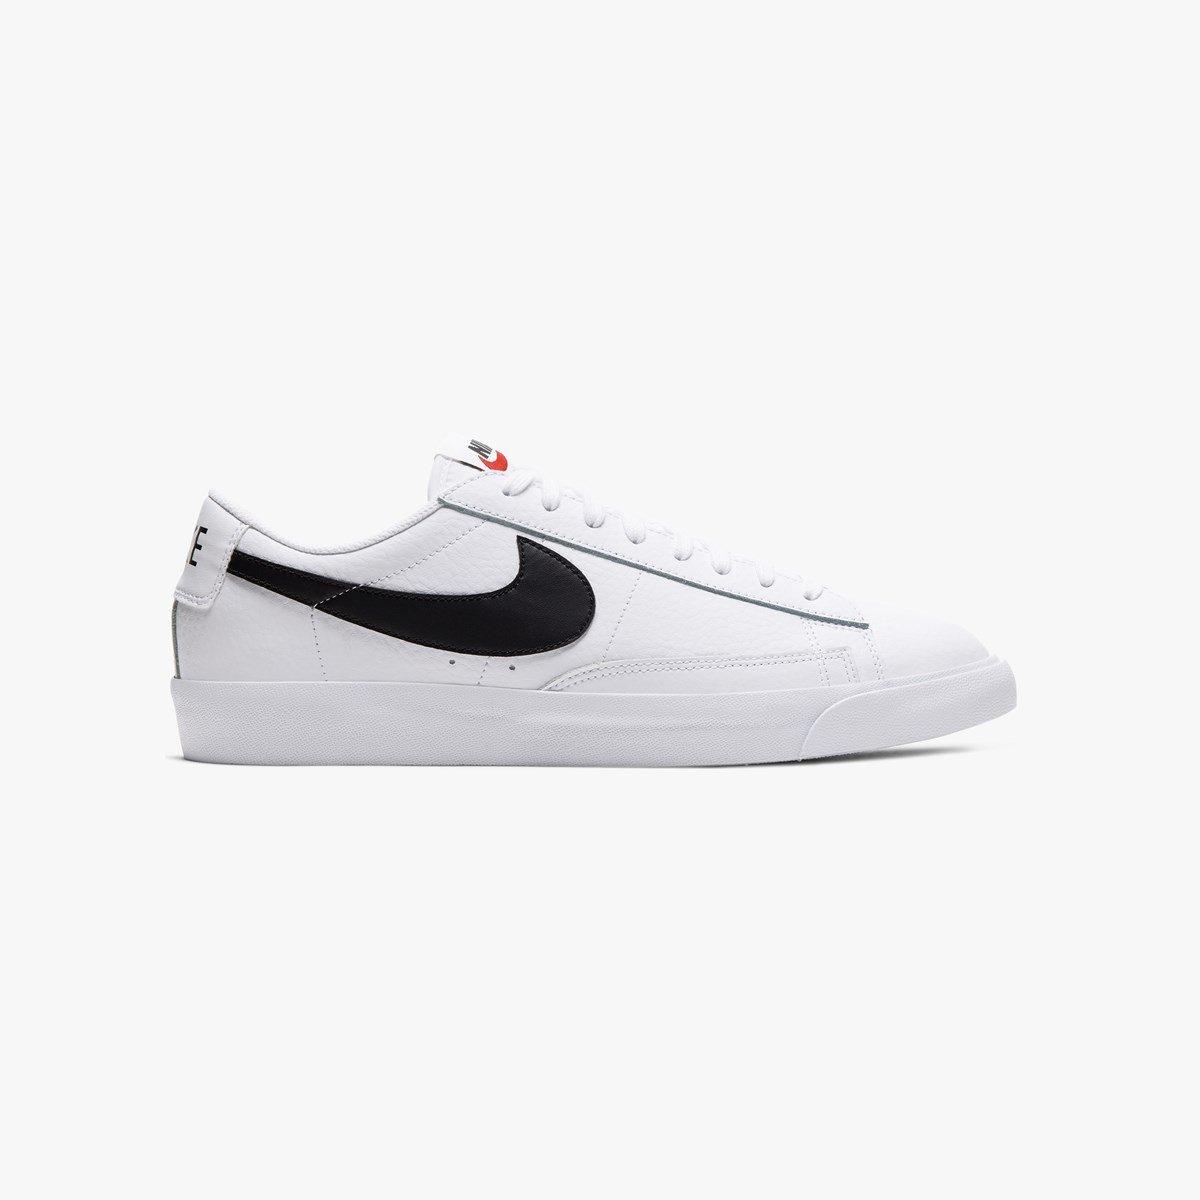 Nike Blazer Low Leather - Cz1089-100